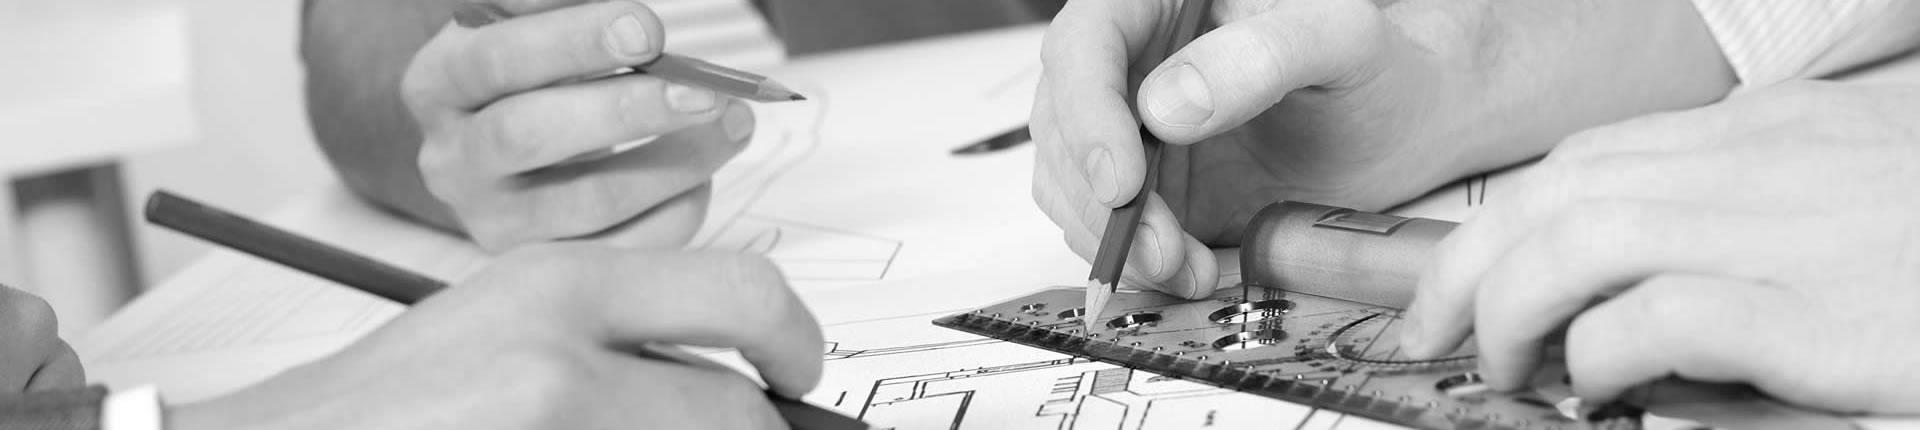 Progettazione di base piani generali archimek for Progettazione di piani abitativi residenziali